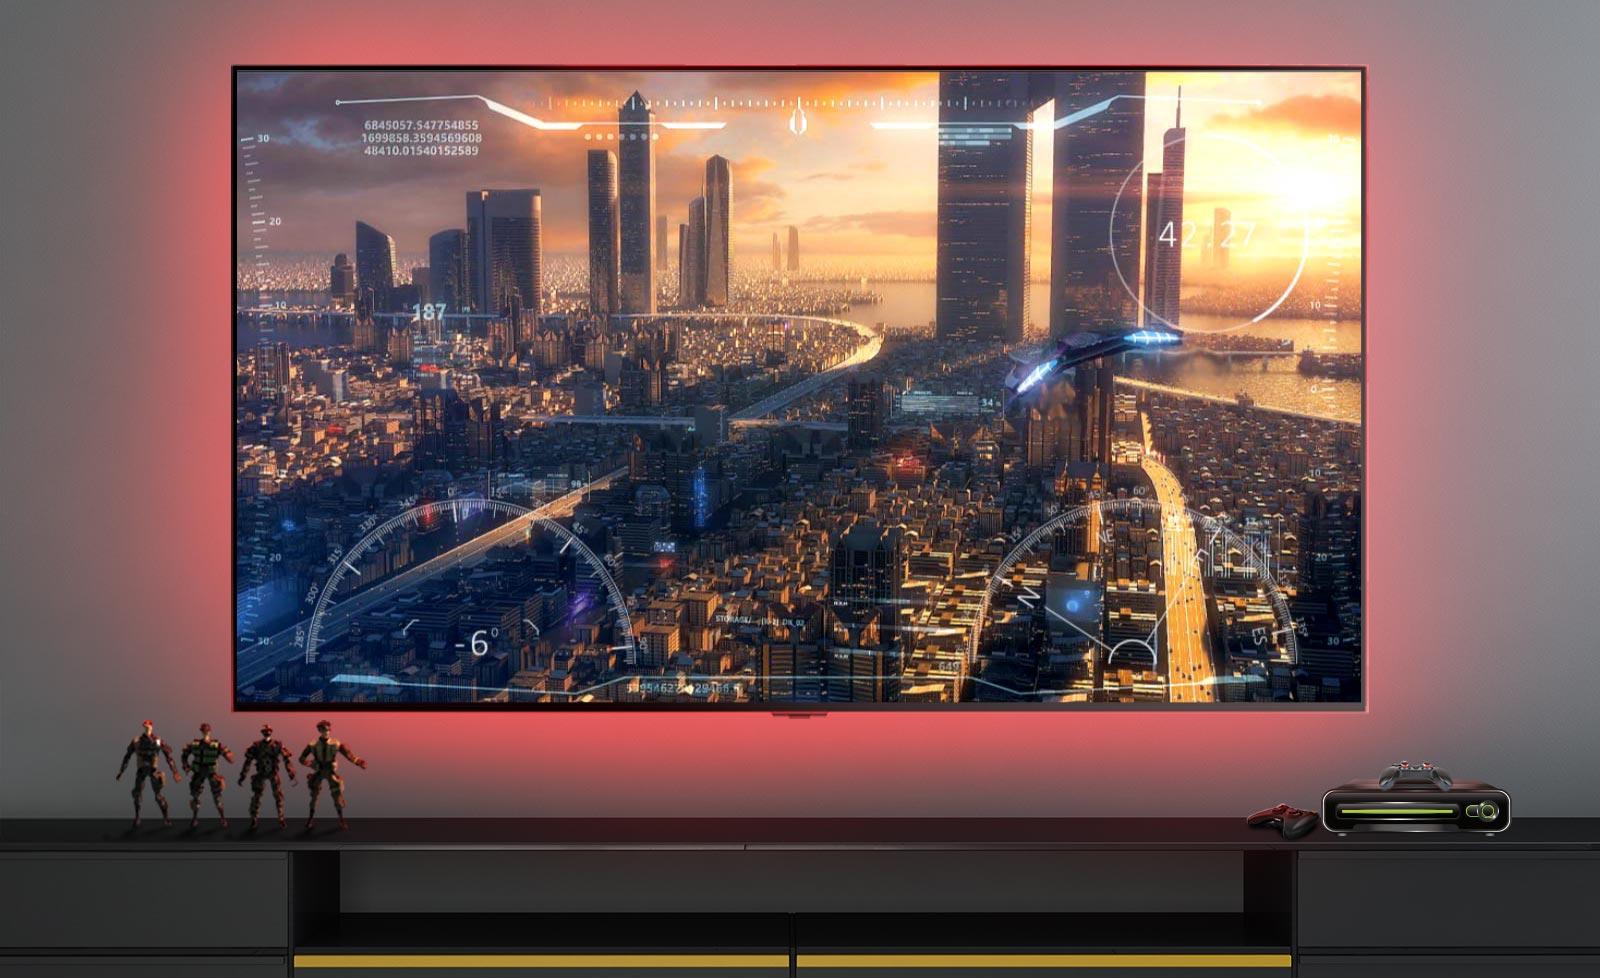 Сцена из видеоигры, в которой показан летящий над городом космический корабль (воспроизвести видео).